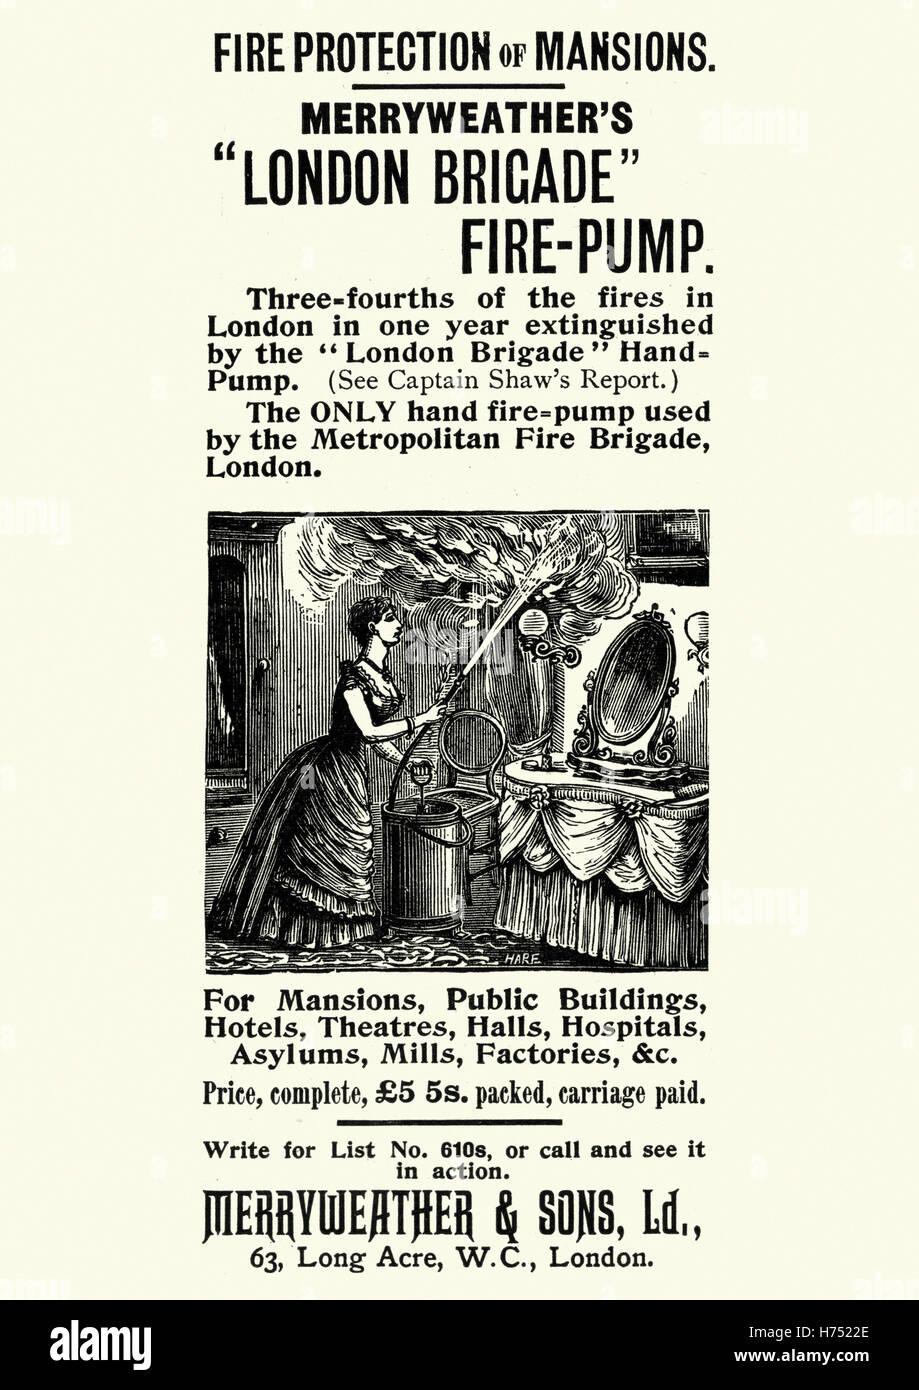 Viktorianische Werbung für Merryweather London Brigade Fire Pump. 1896 Stockbild